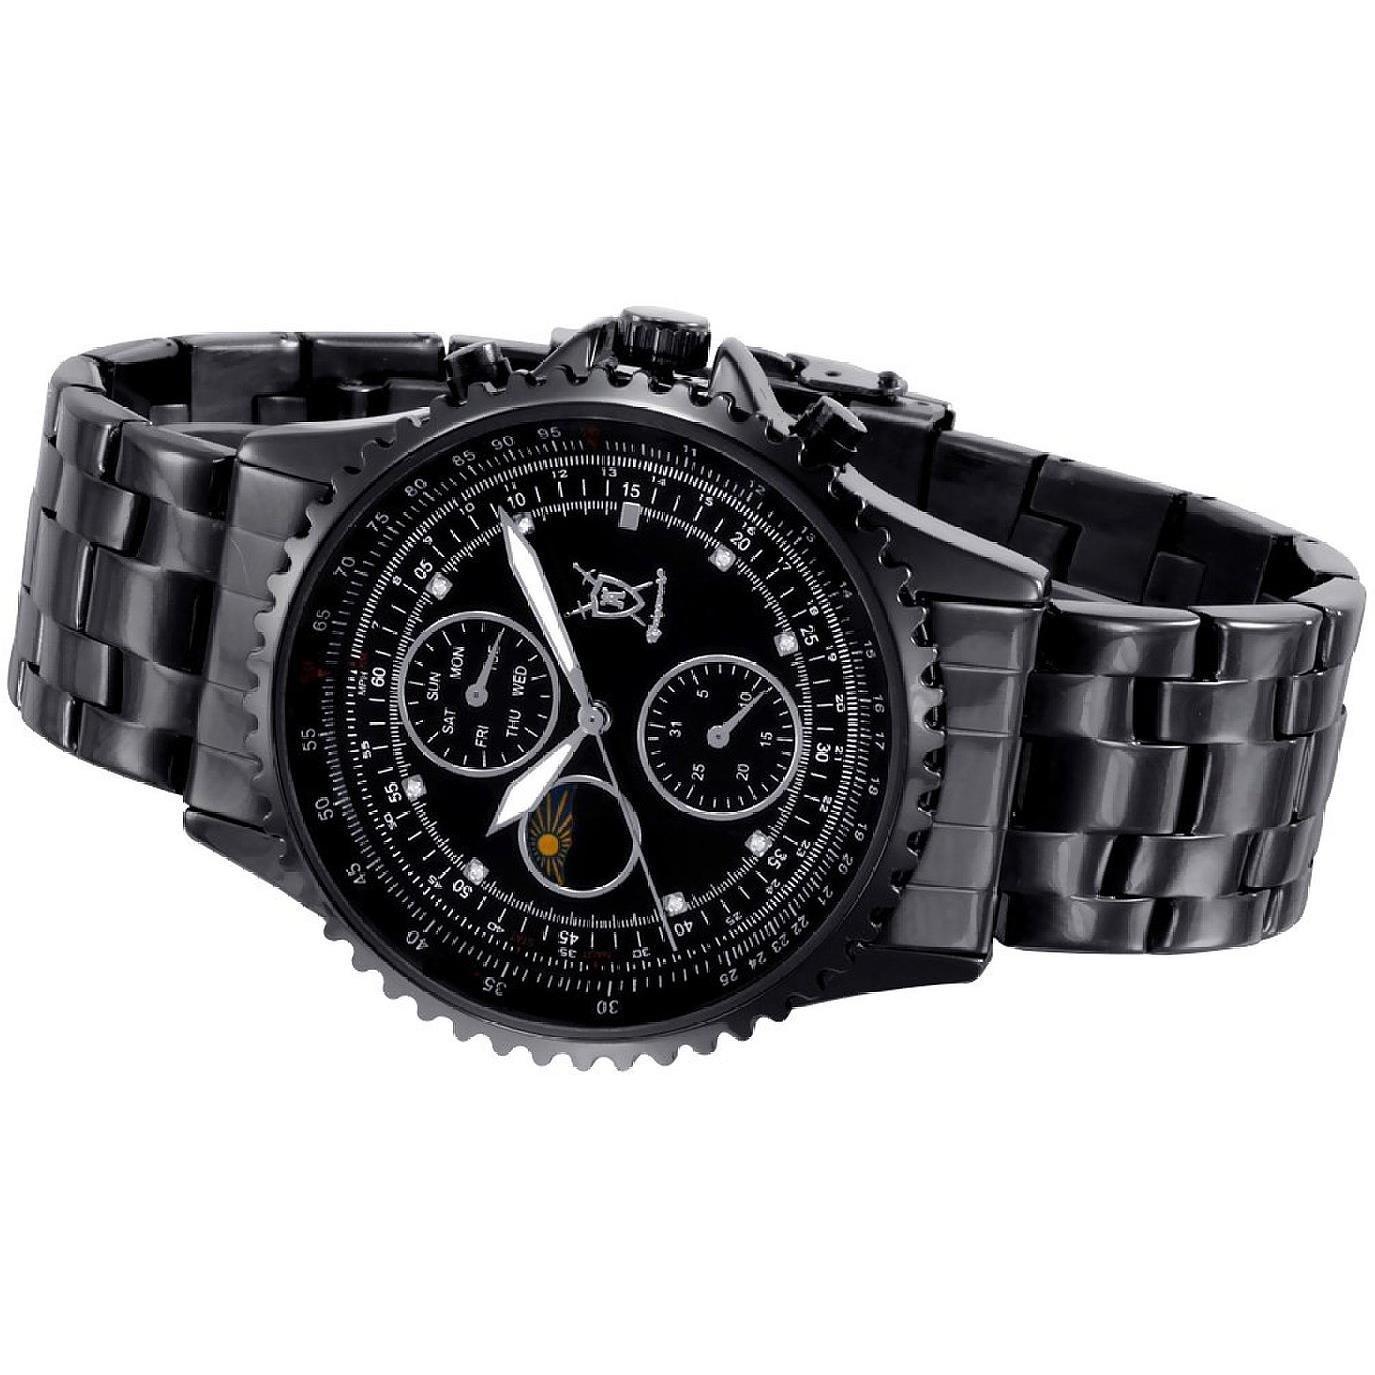 Amazon.com: Konigswerk Mens Black Stainless Steel Bracelet Watch Multifunction Crystal Markers SQ201438G: Konigswerk: Watches